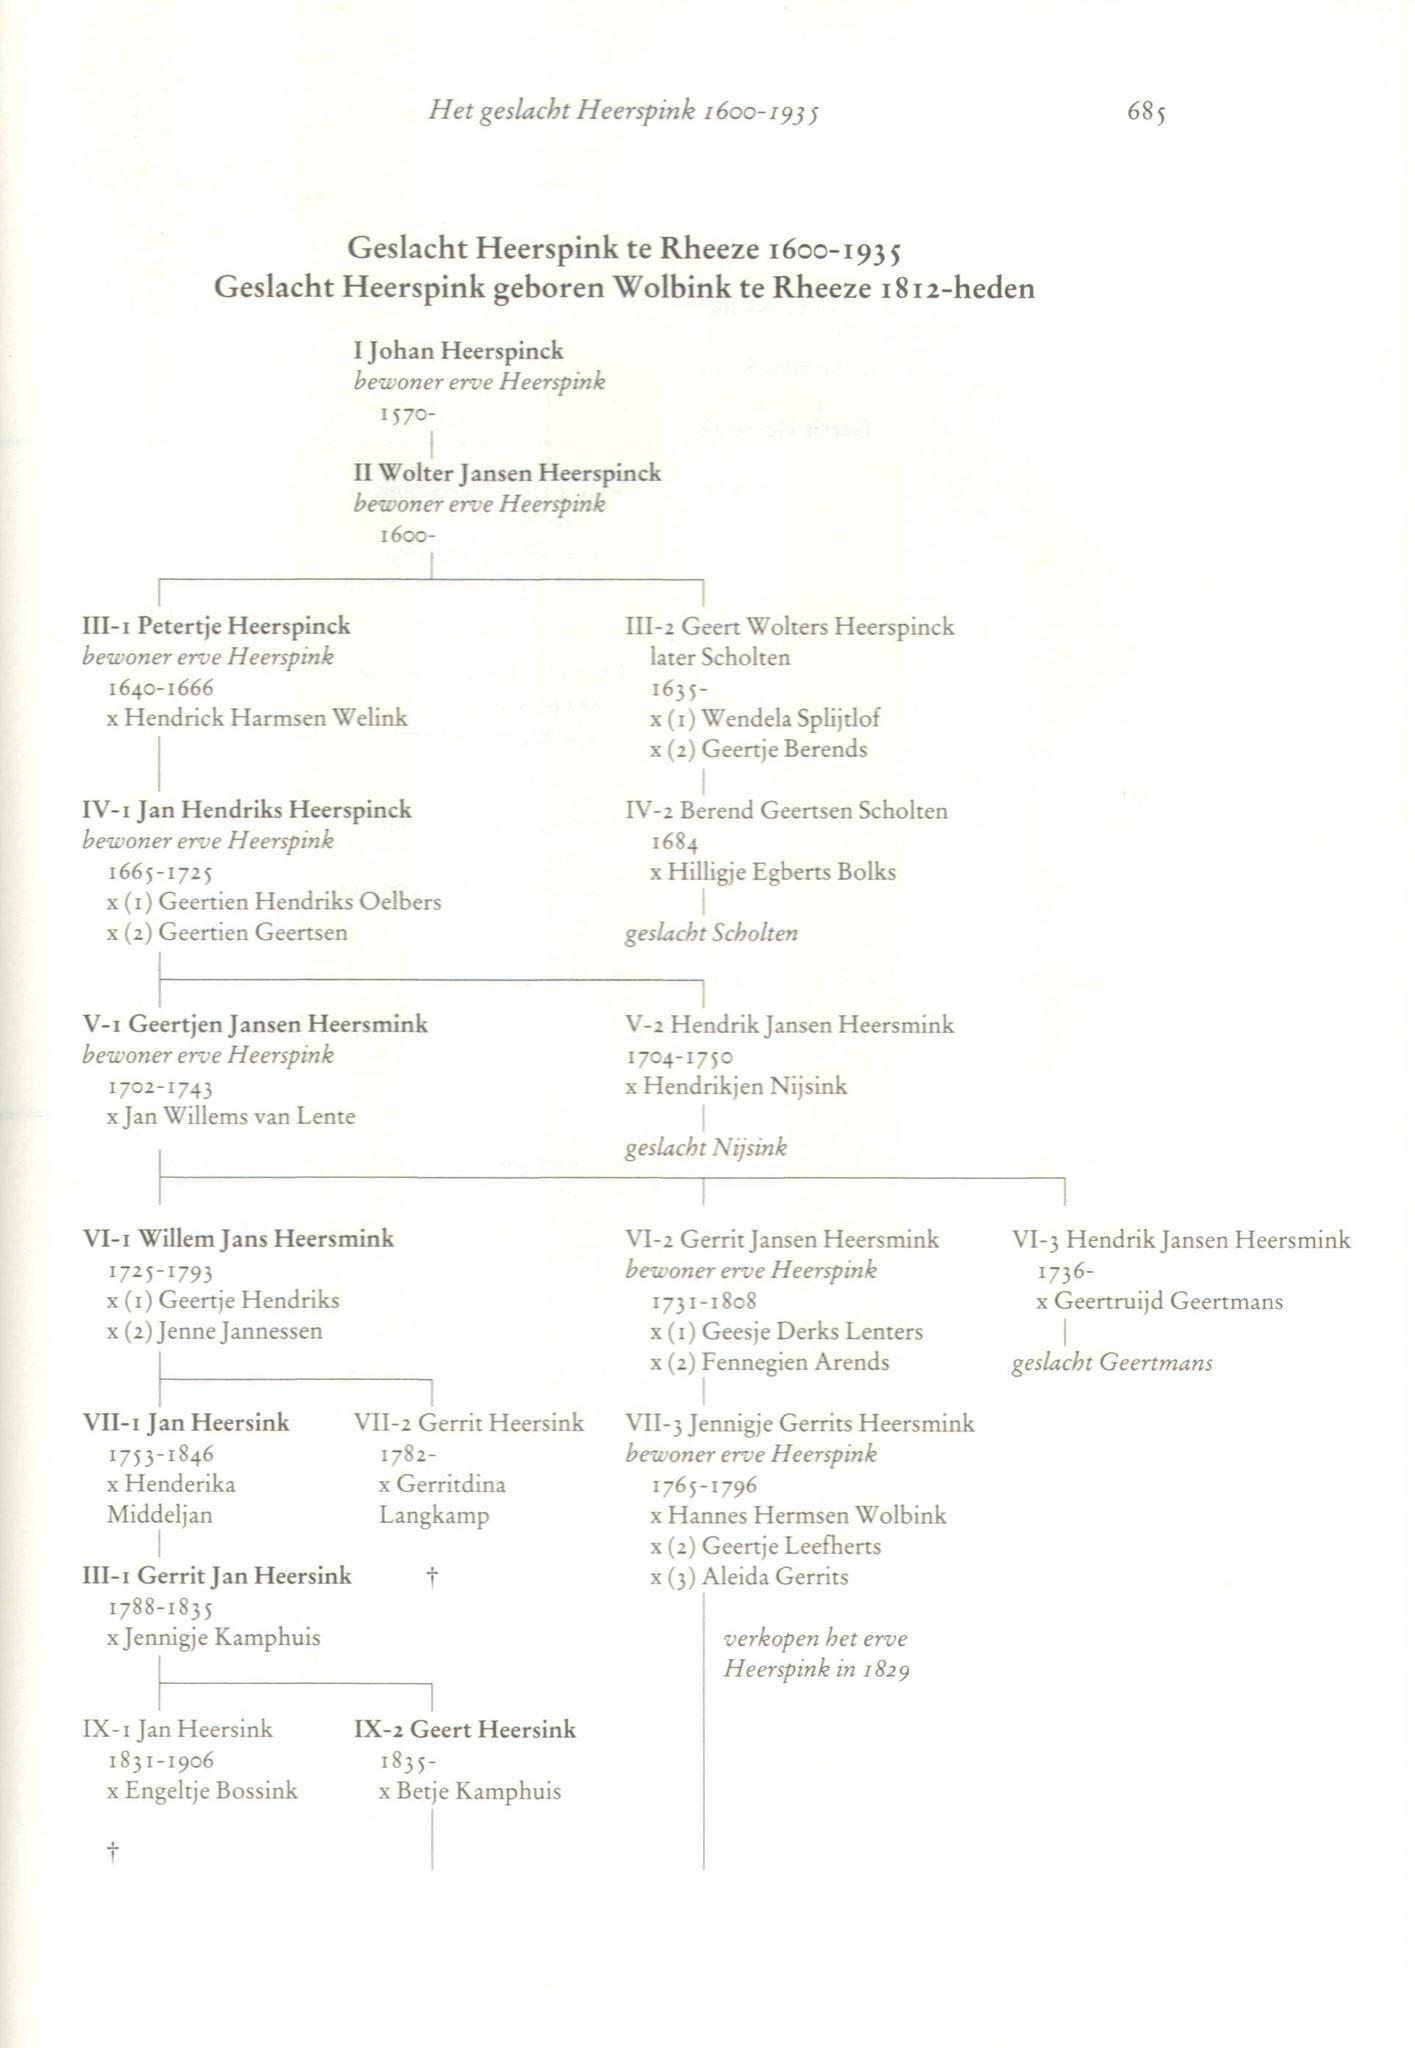 fragment van de genealogie Heerspink te Rheeze